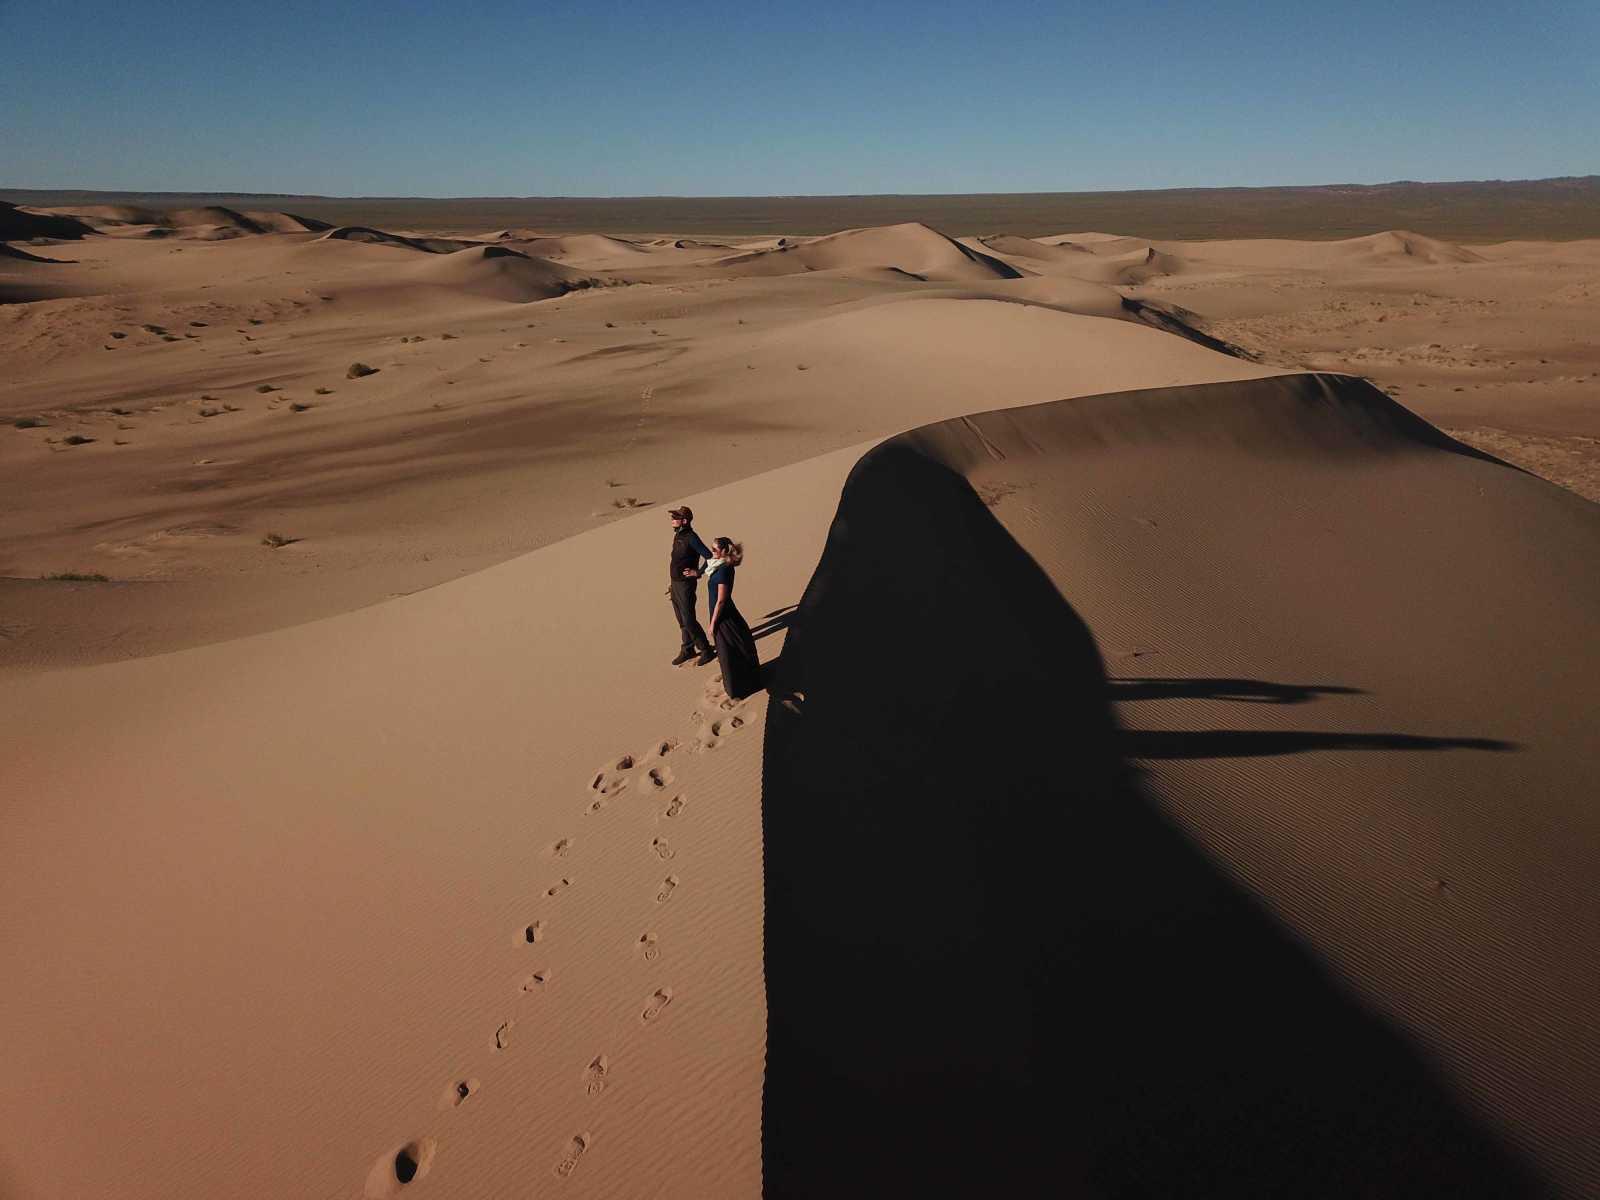 Sunset in the Gobi Sand Dunes